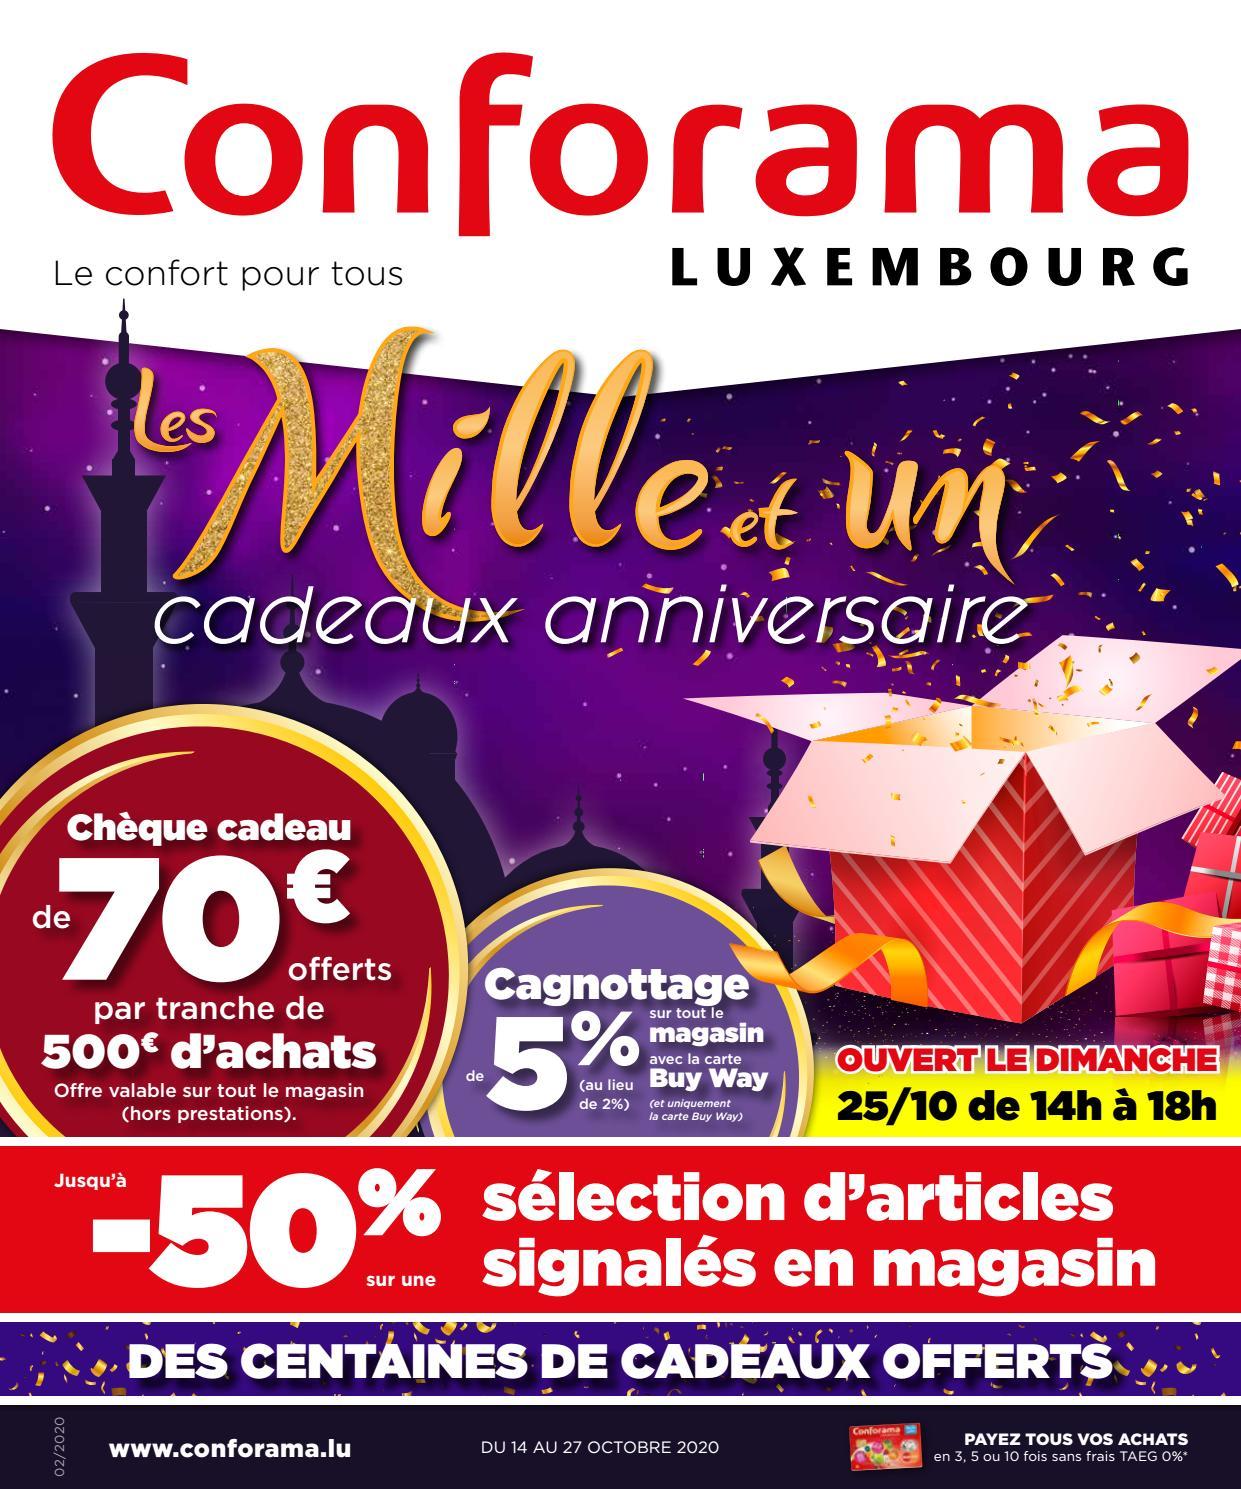 Doc02 Les Mille Et Un Cadeaux Anniversaire By Conforama Luxembourg Issuu